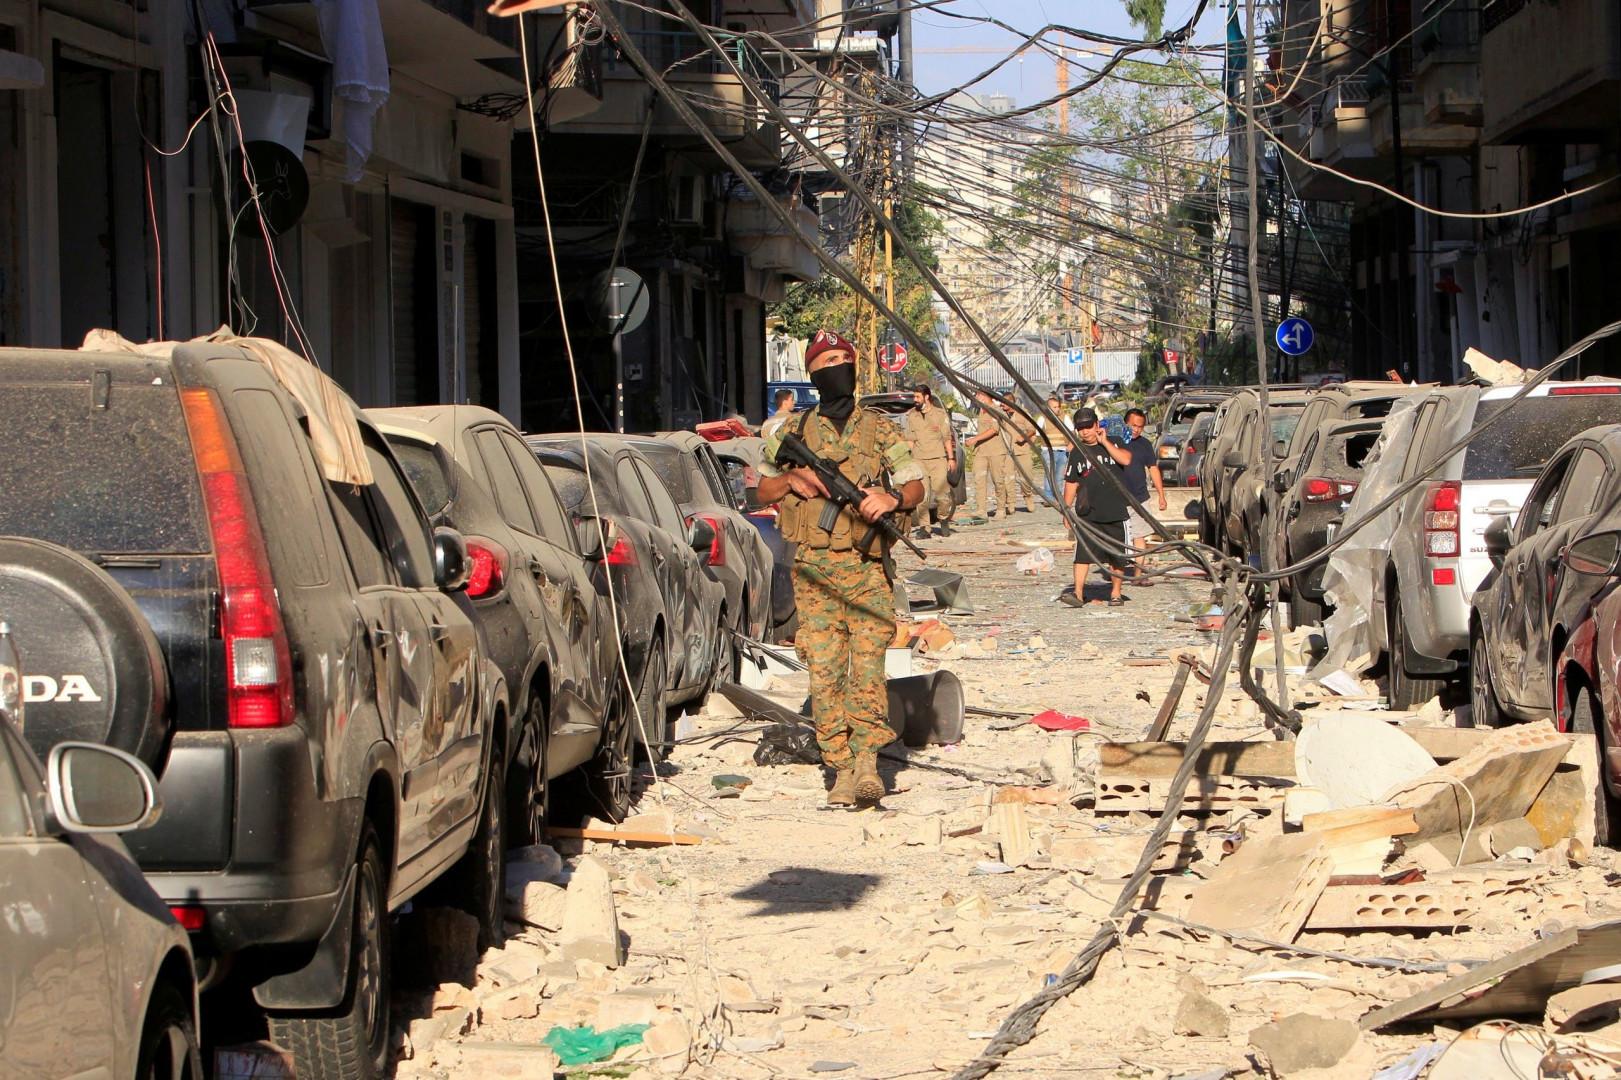 واشنطن تشبه انفجار بيروت بما يحدث في العراق وتحمل طهران المسؤولية